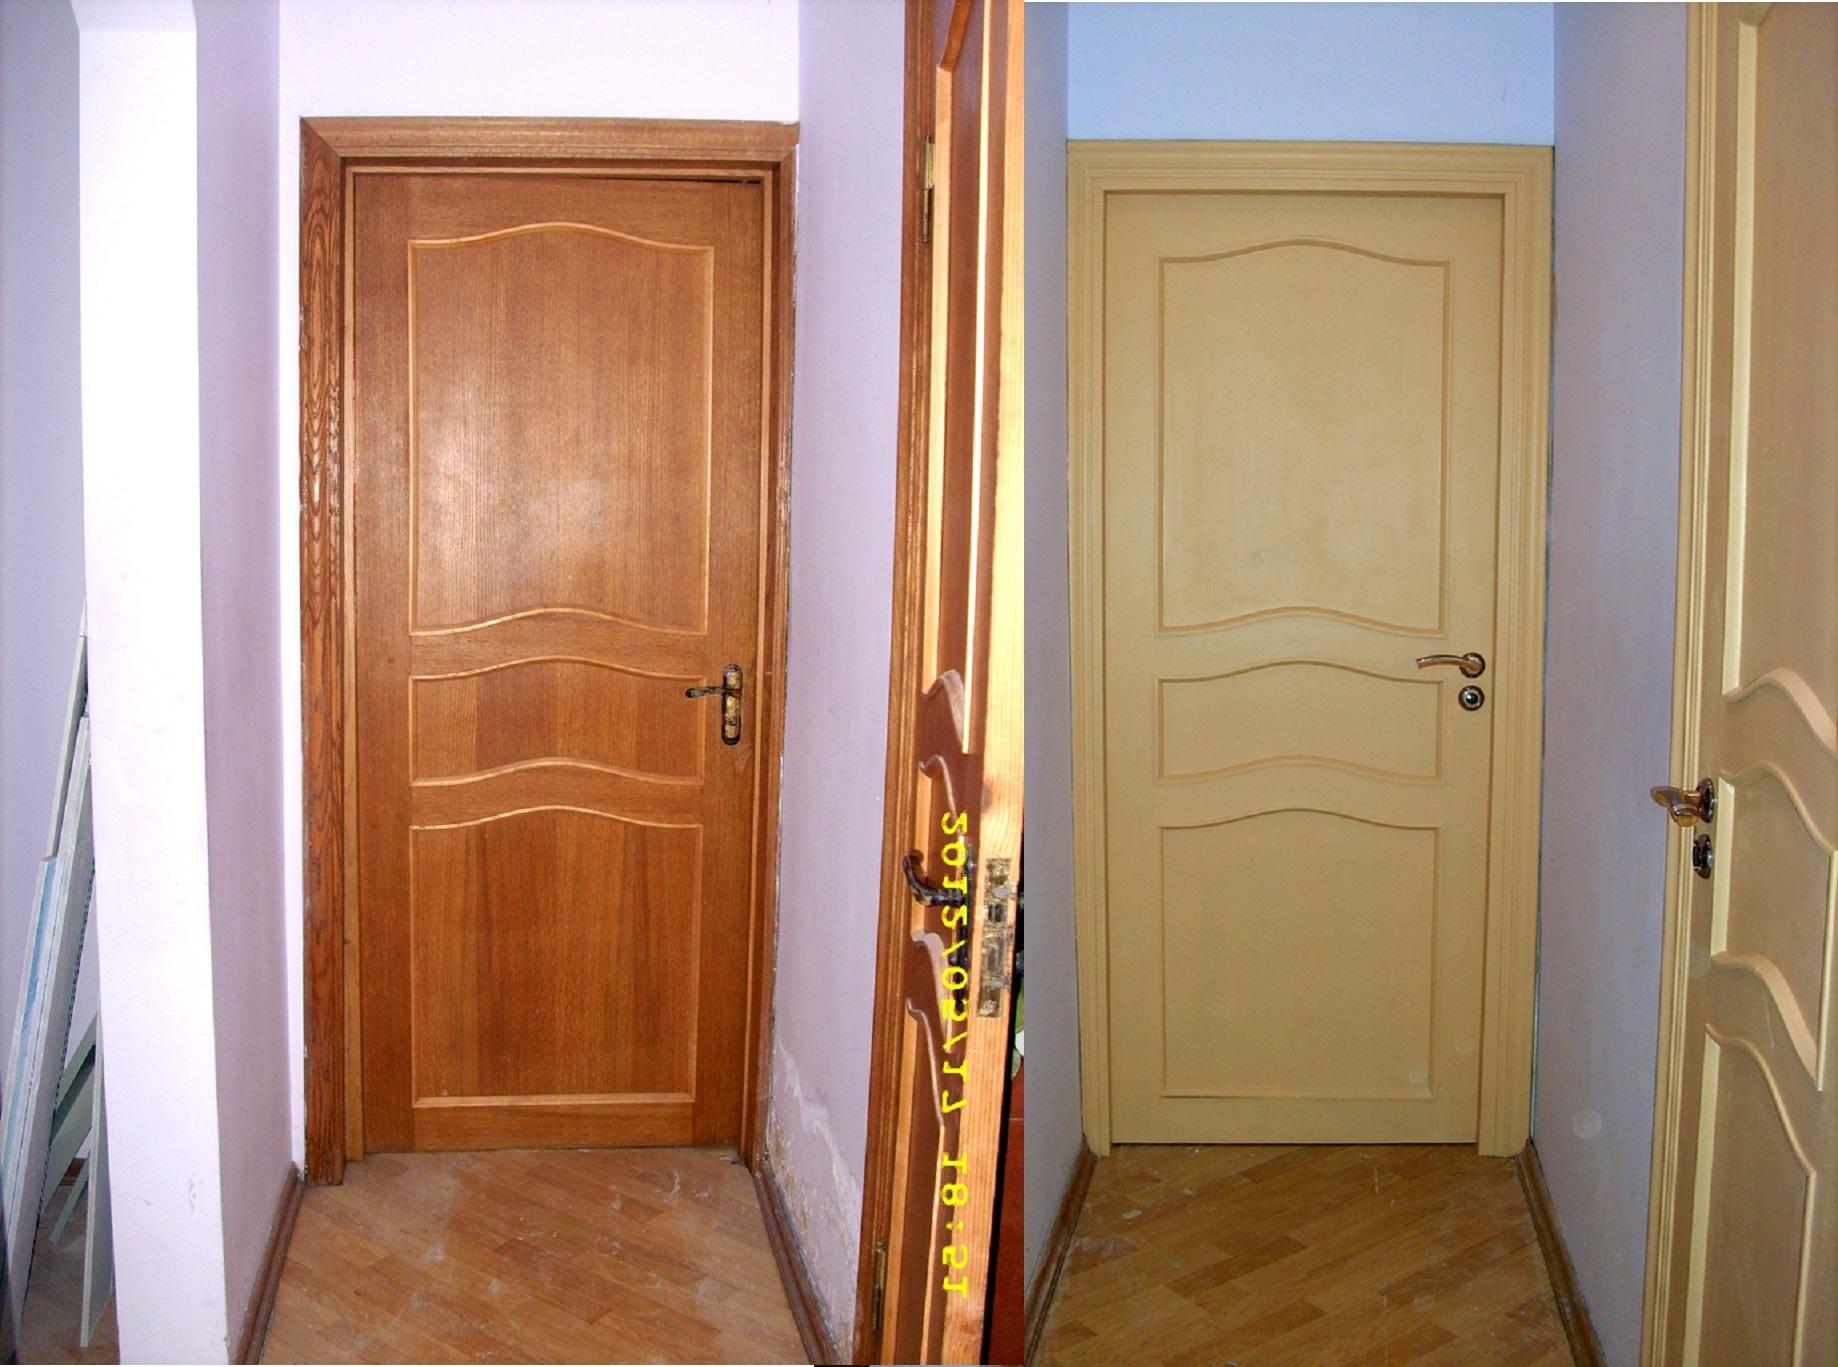 ��Деревянные Двери - Дверь ☙Массив Дерева - Купить